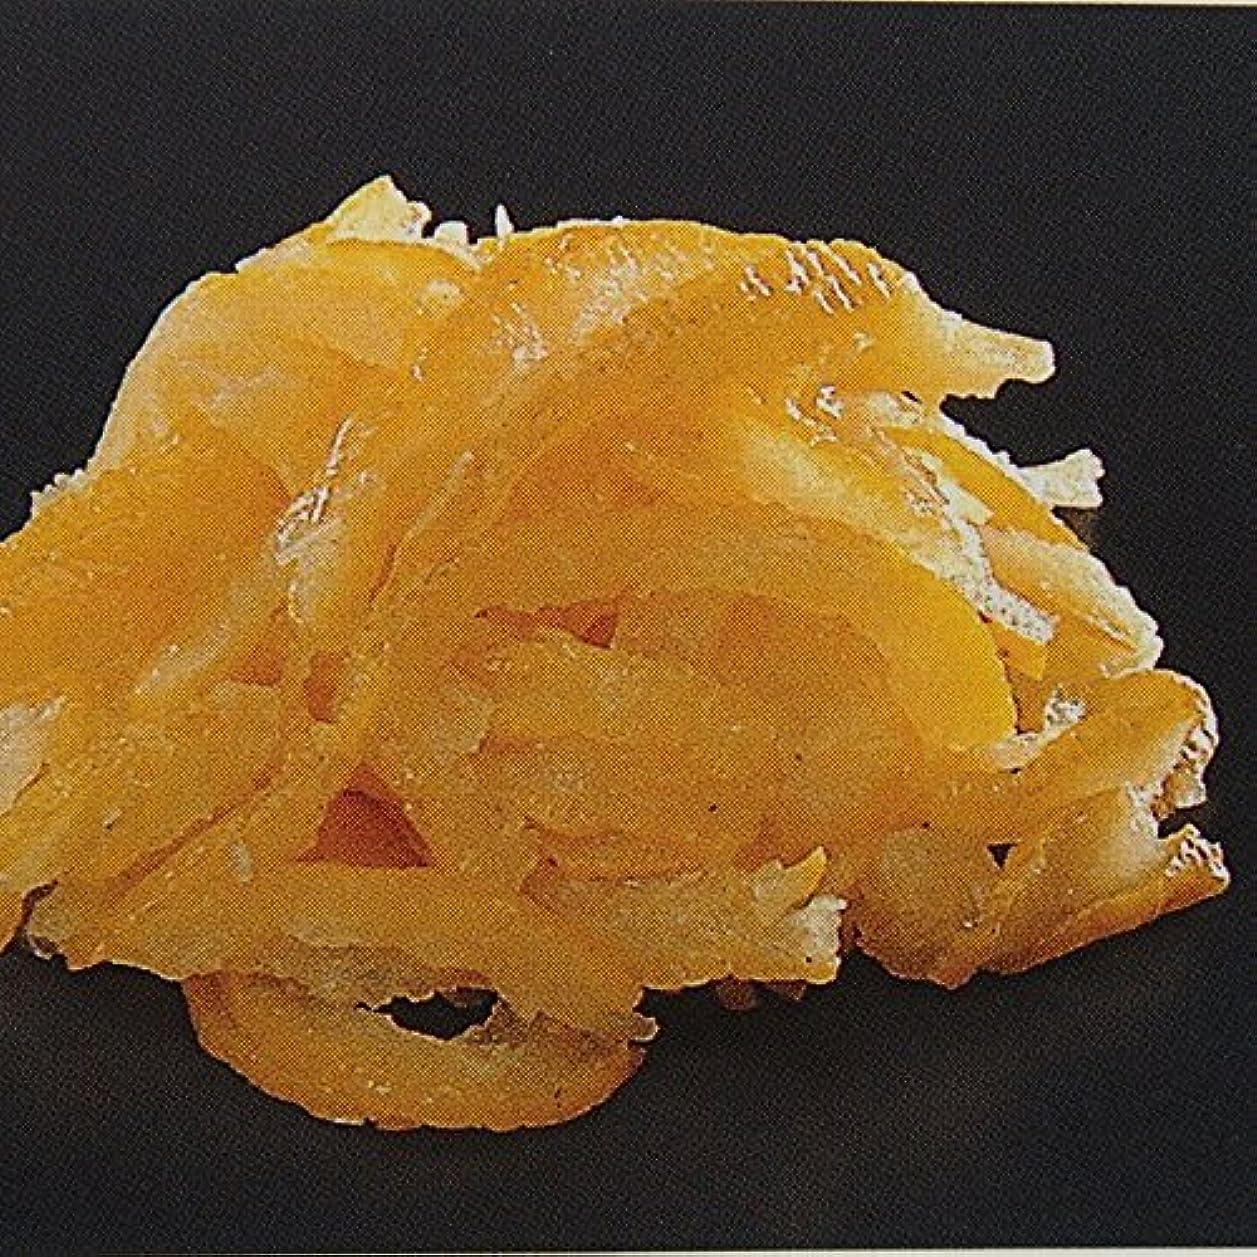 凝視ボート間違っている山福 柚子スライス500g 冷凍